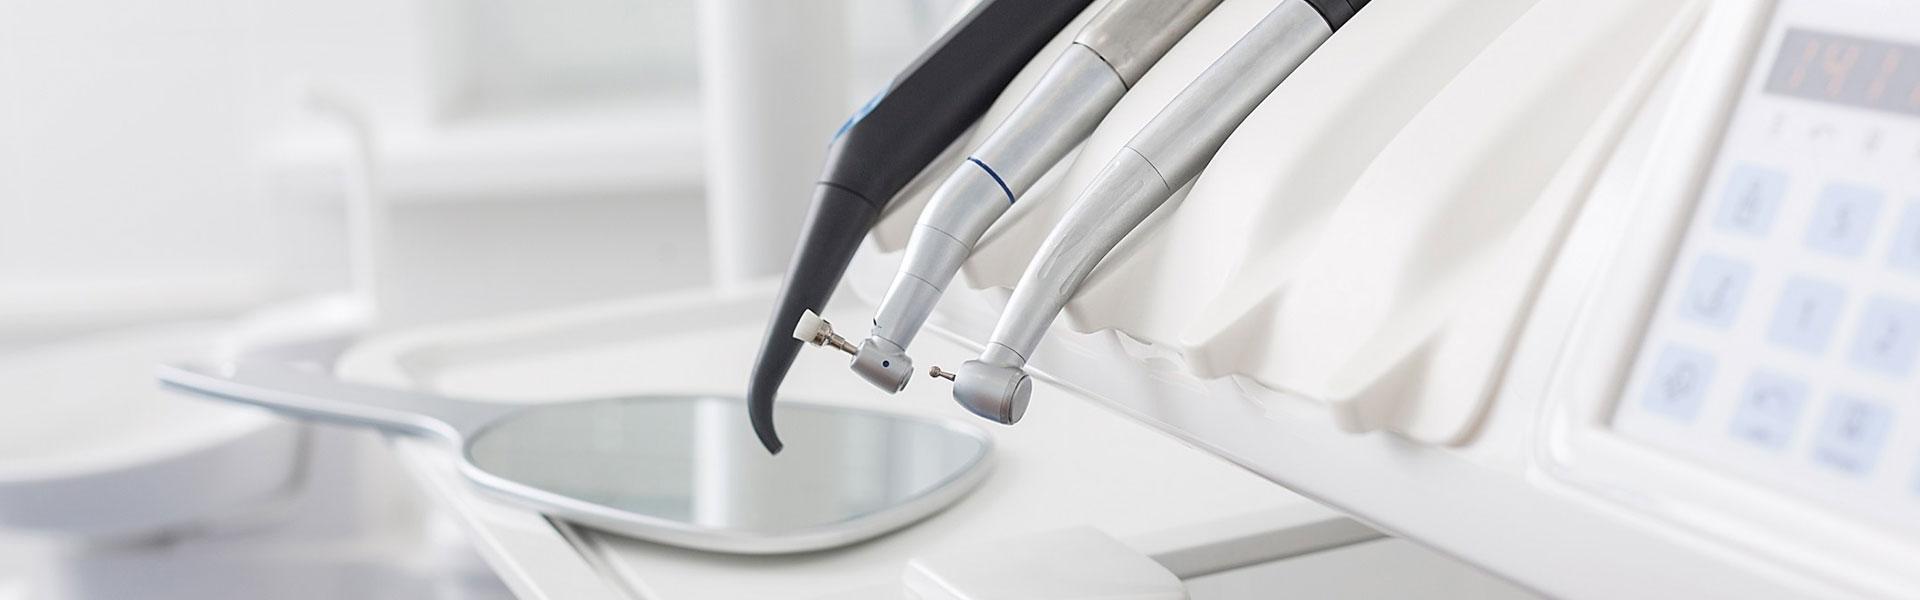 Distribution Directe Dentaire fournisseur de produit réservé aux professionnels du dentaire